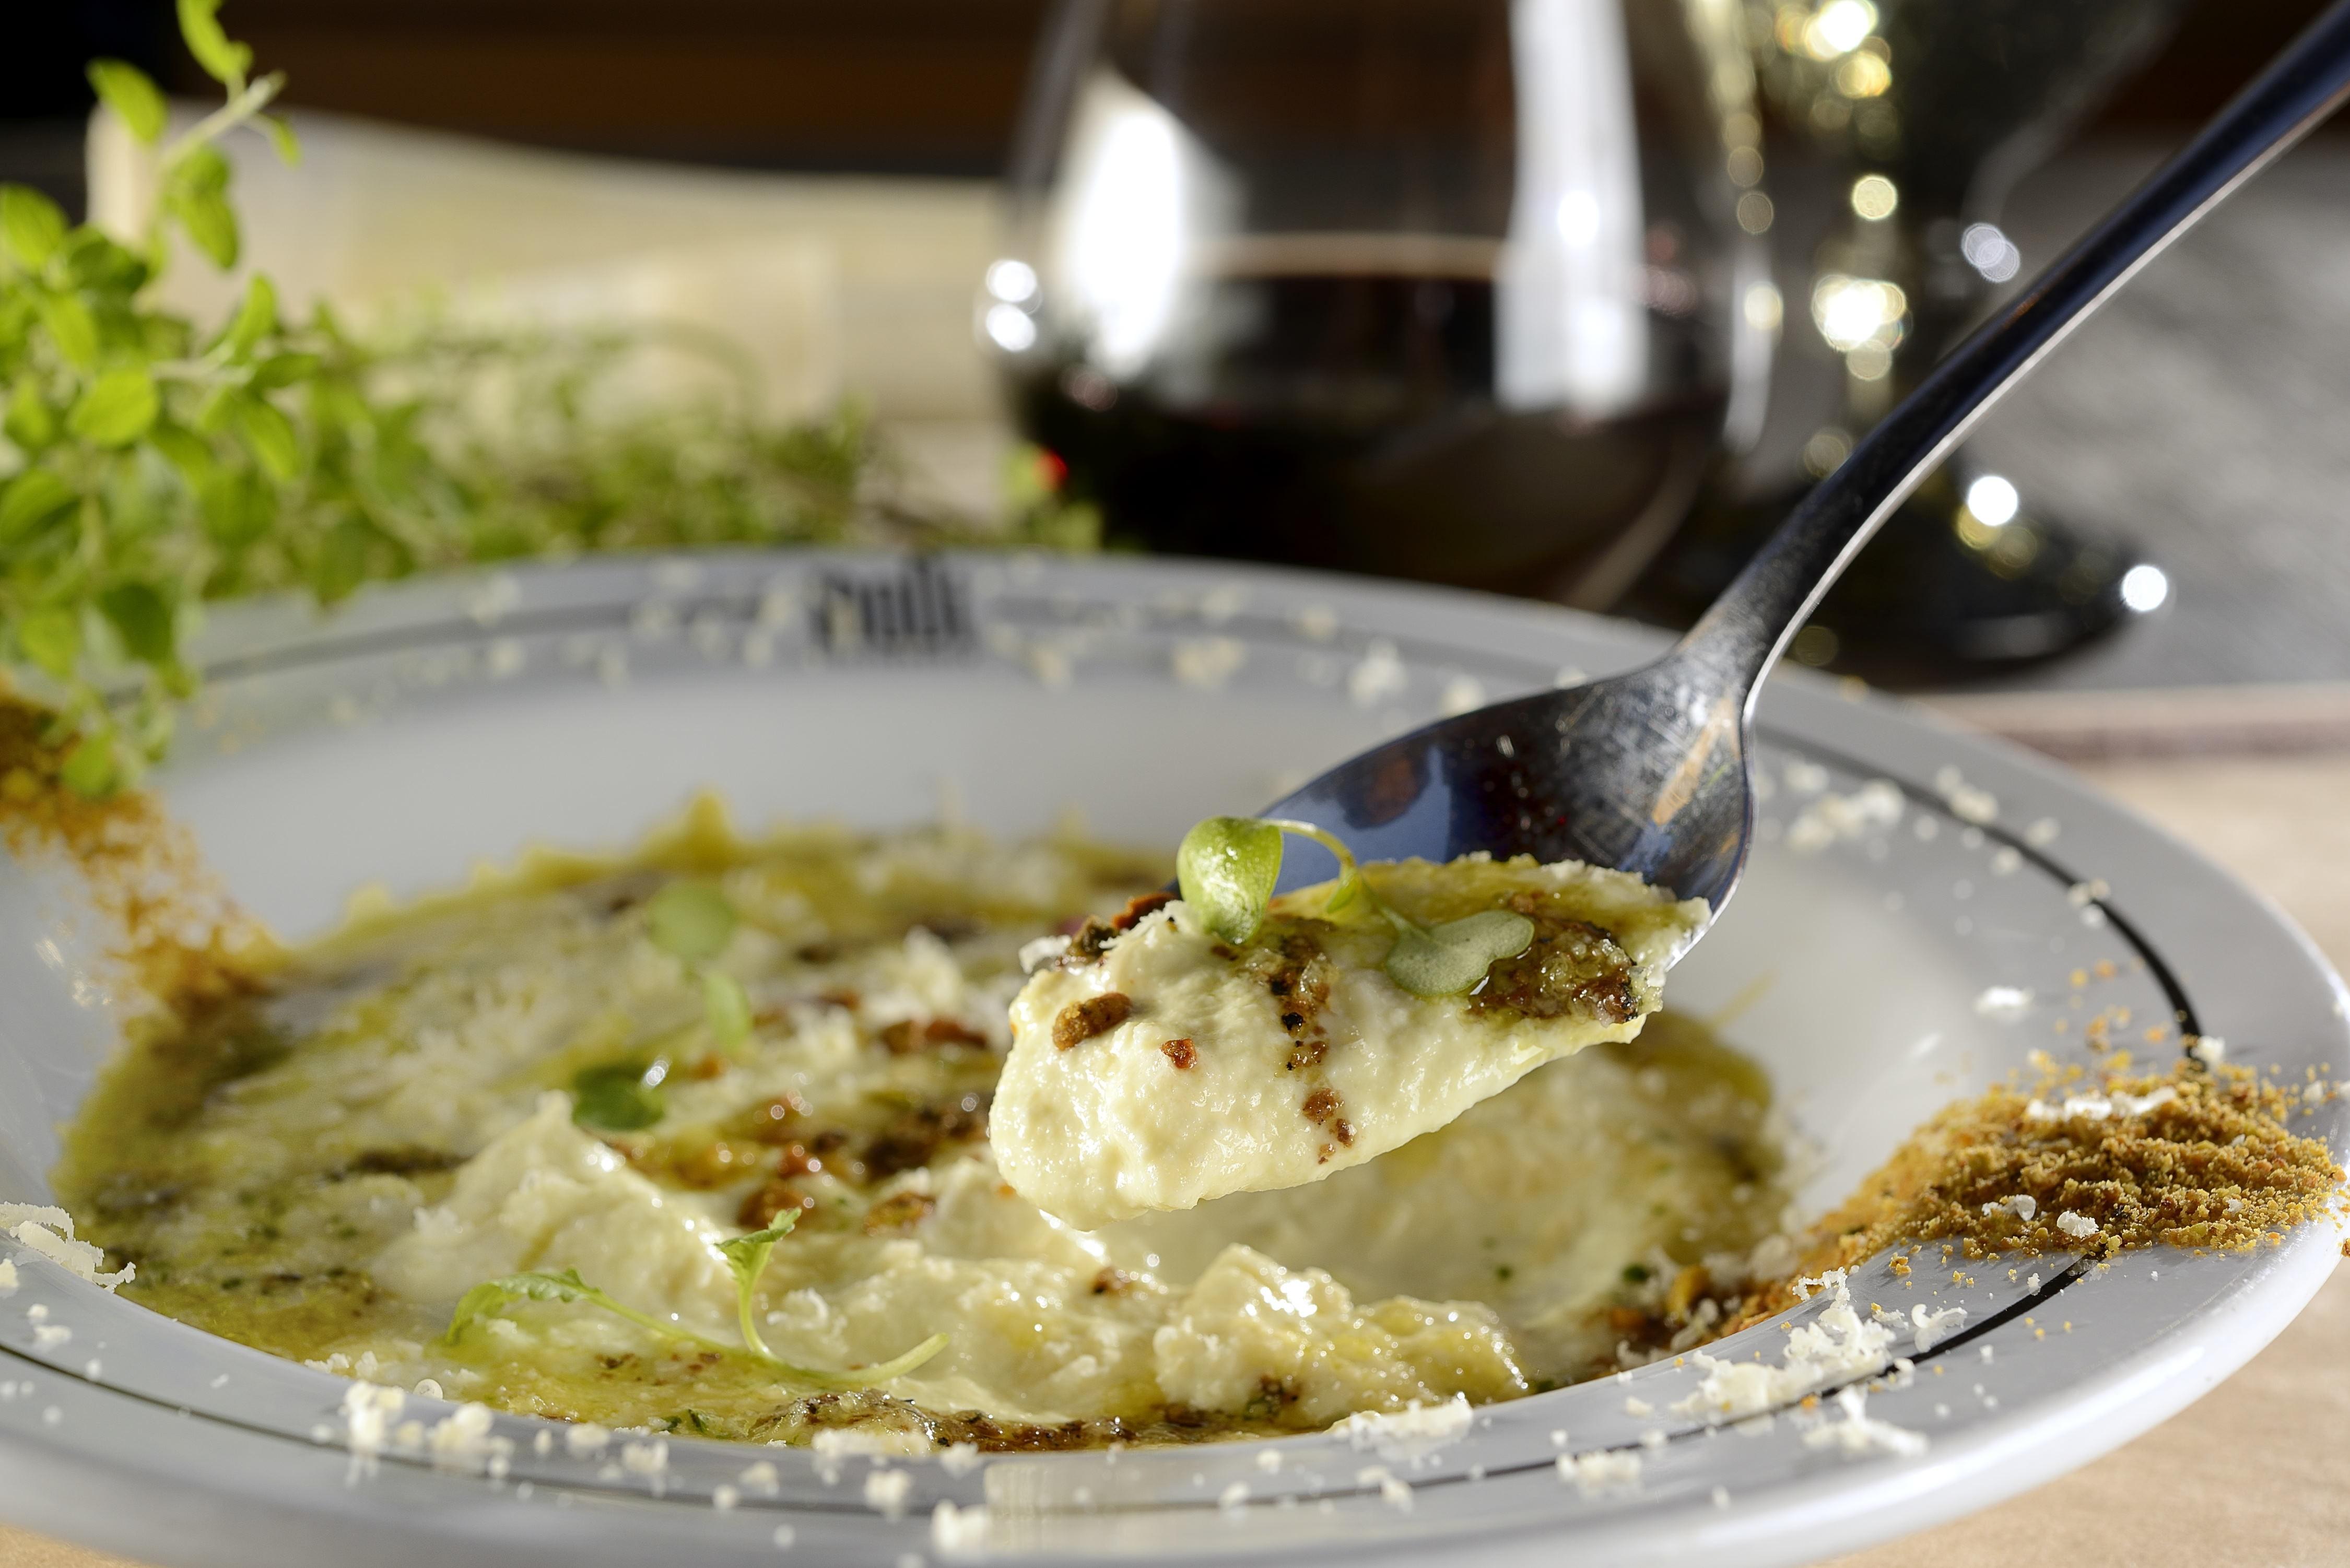 O creme de pupunha orgânico com pistache e grana padano do chef Diogo Silveira (Foto: Divulgação)